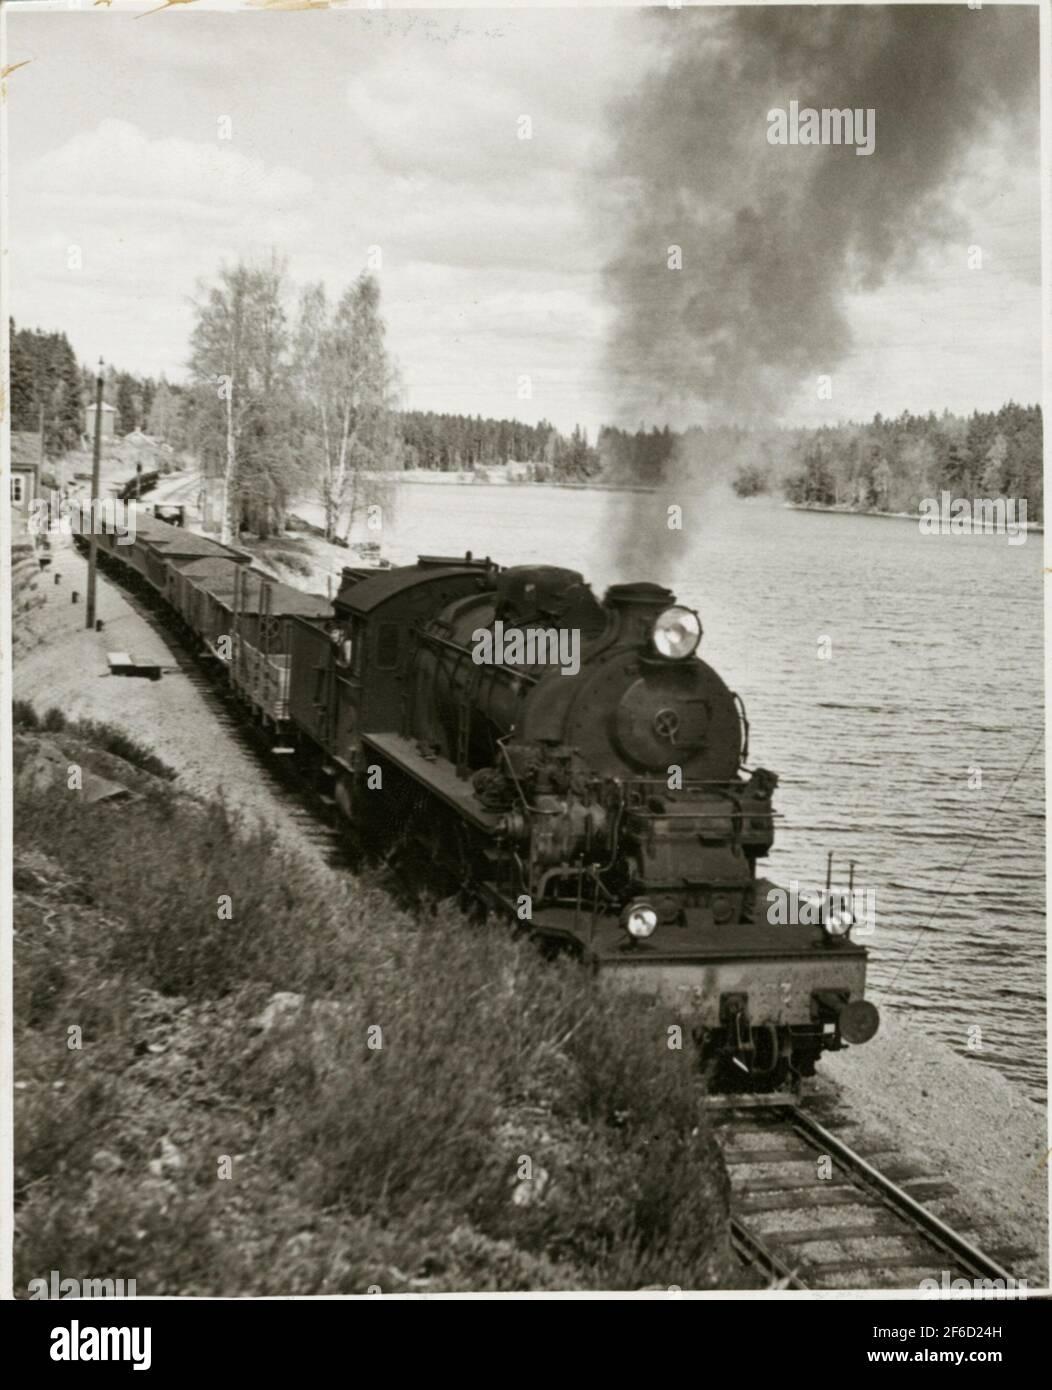 Die Verkehrsgesellschaft Grängesberg - Oxelösund Eisenbahn, TGOJ M3T 73 vor einer Reihe von Erzautos in Harsjön. Stockfoto